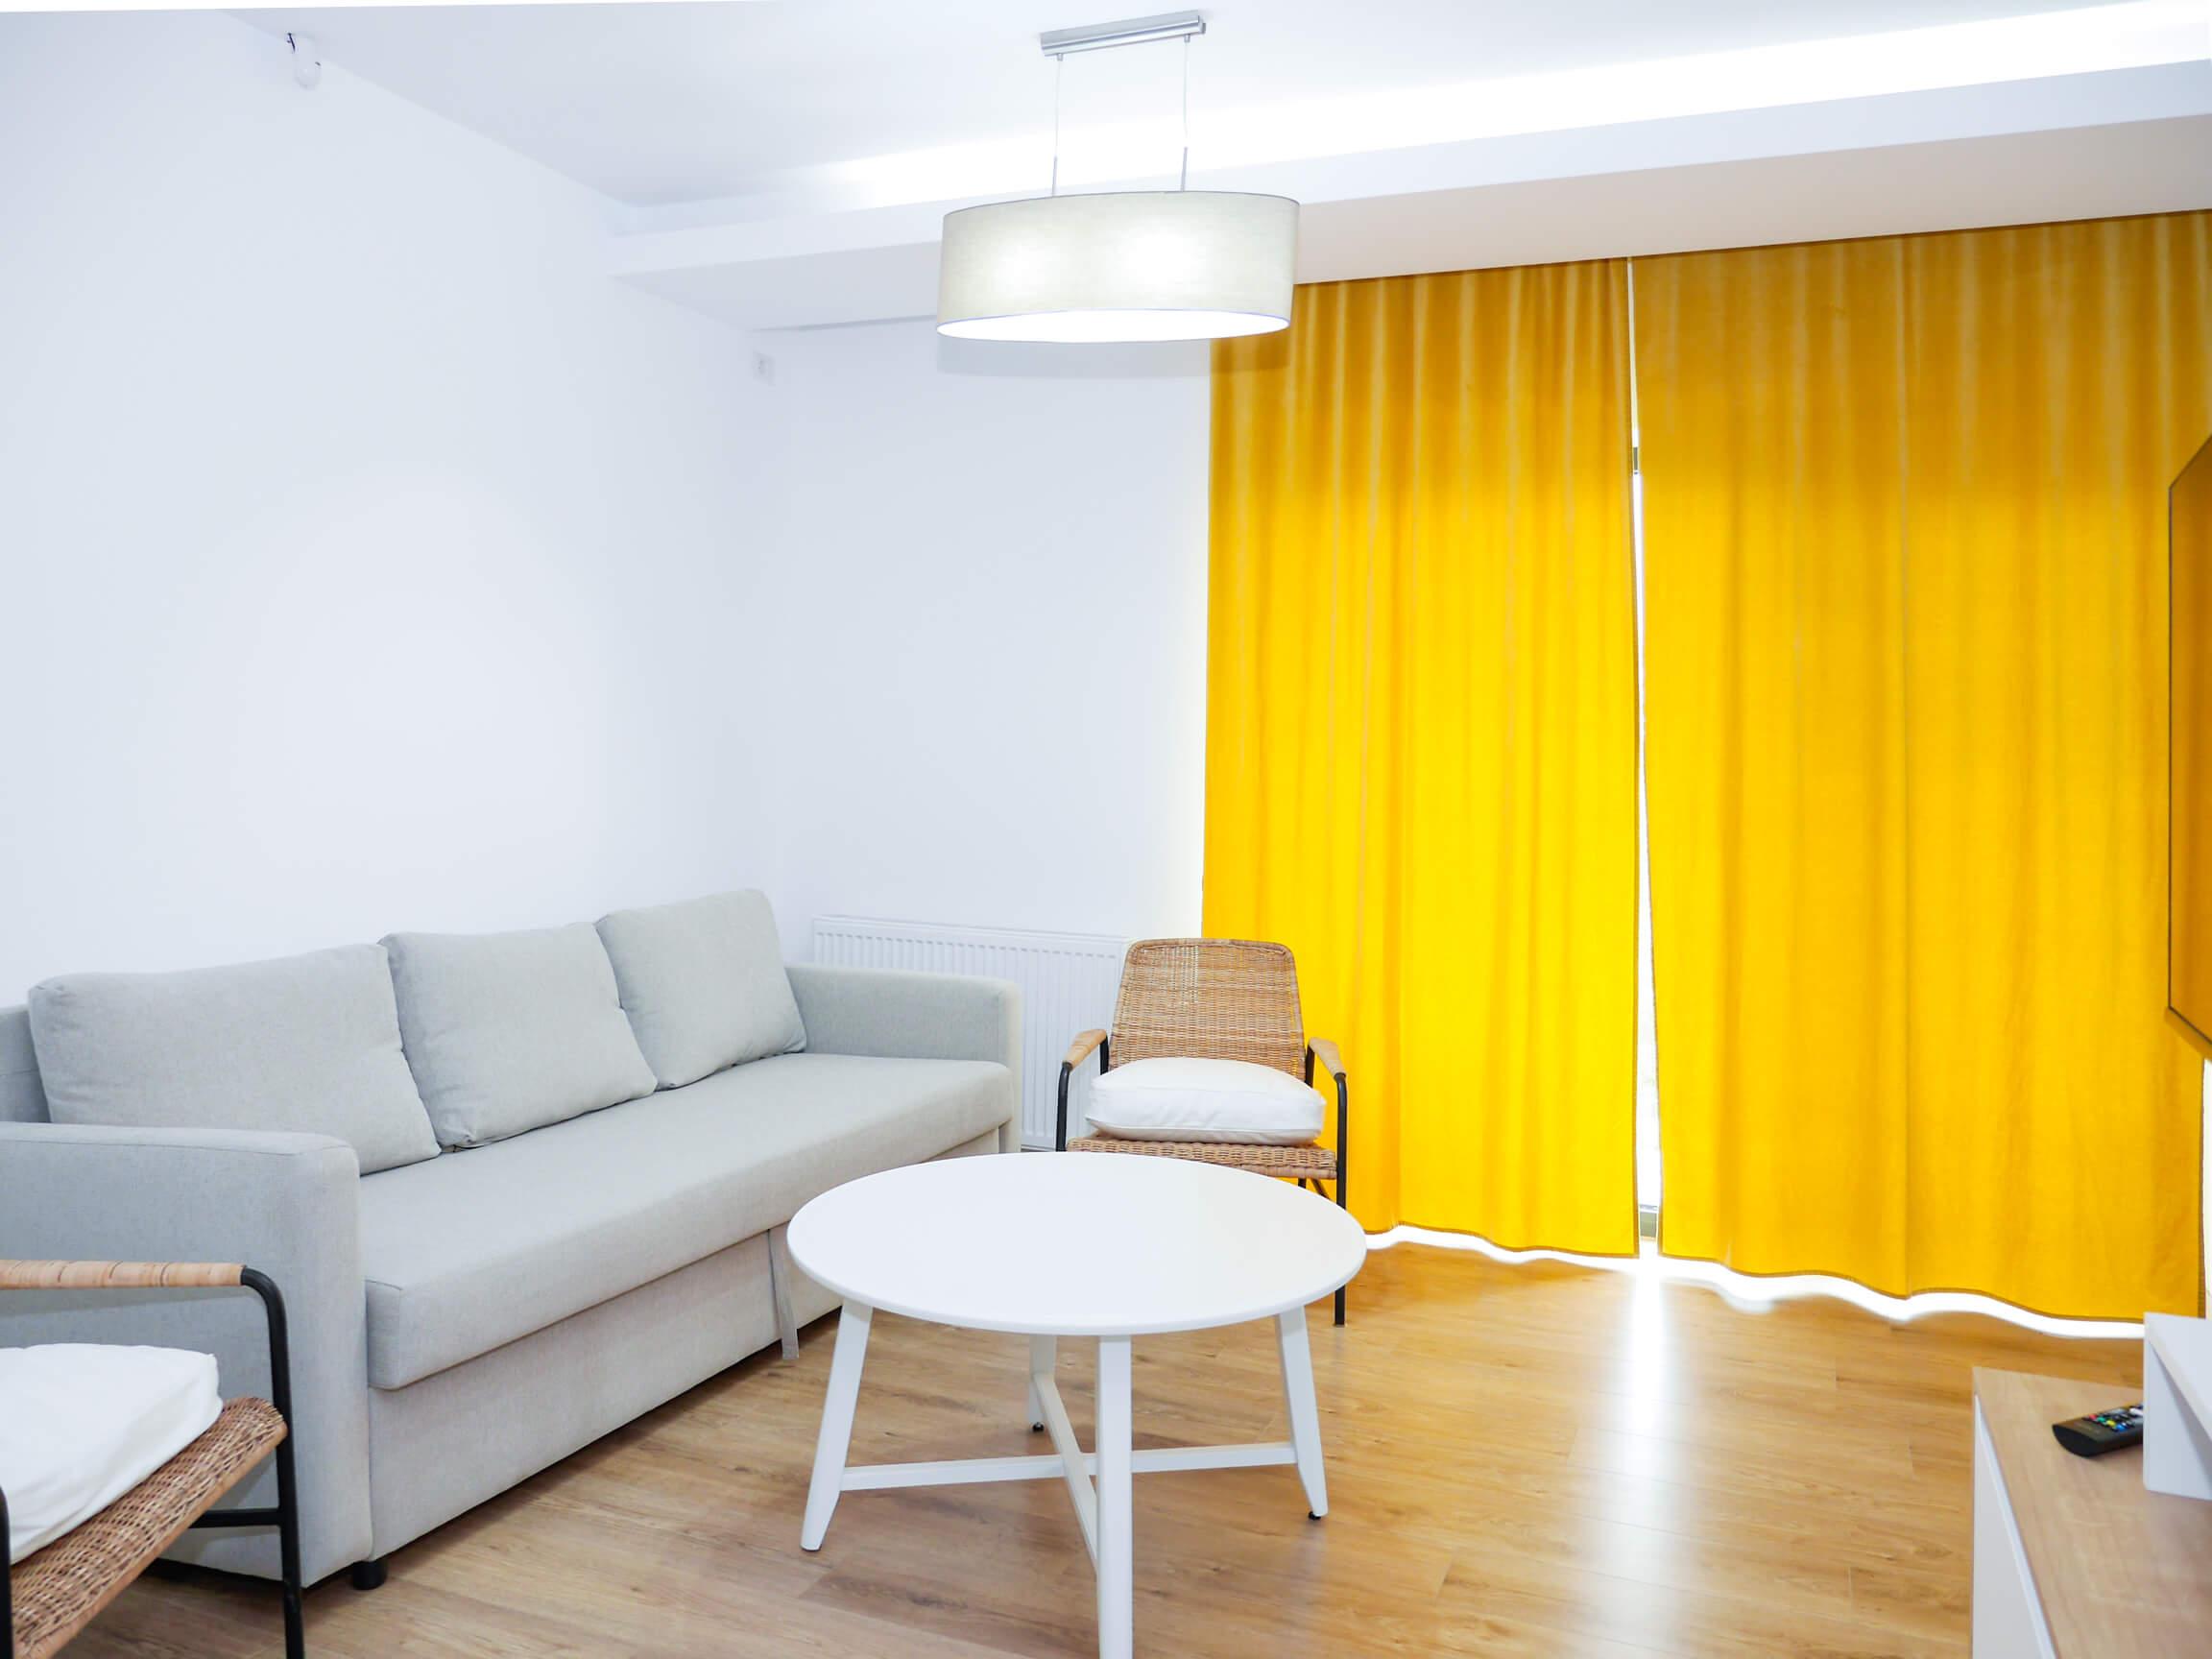 Clement Apartments - apartamente de inchiriat in regim hotelier - cazare neamt - cazare piatra neamt - apartament 4 (8)